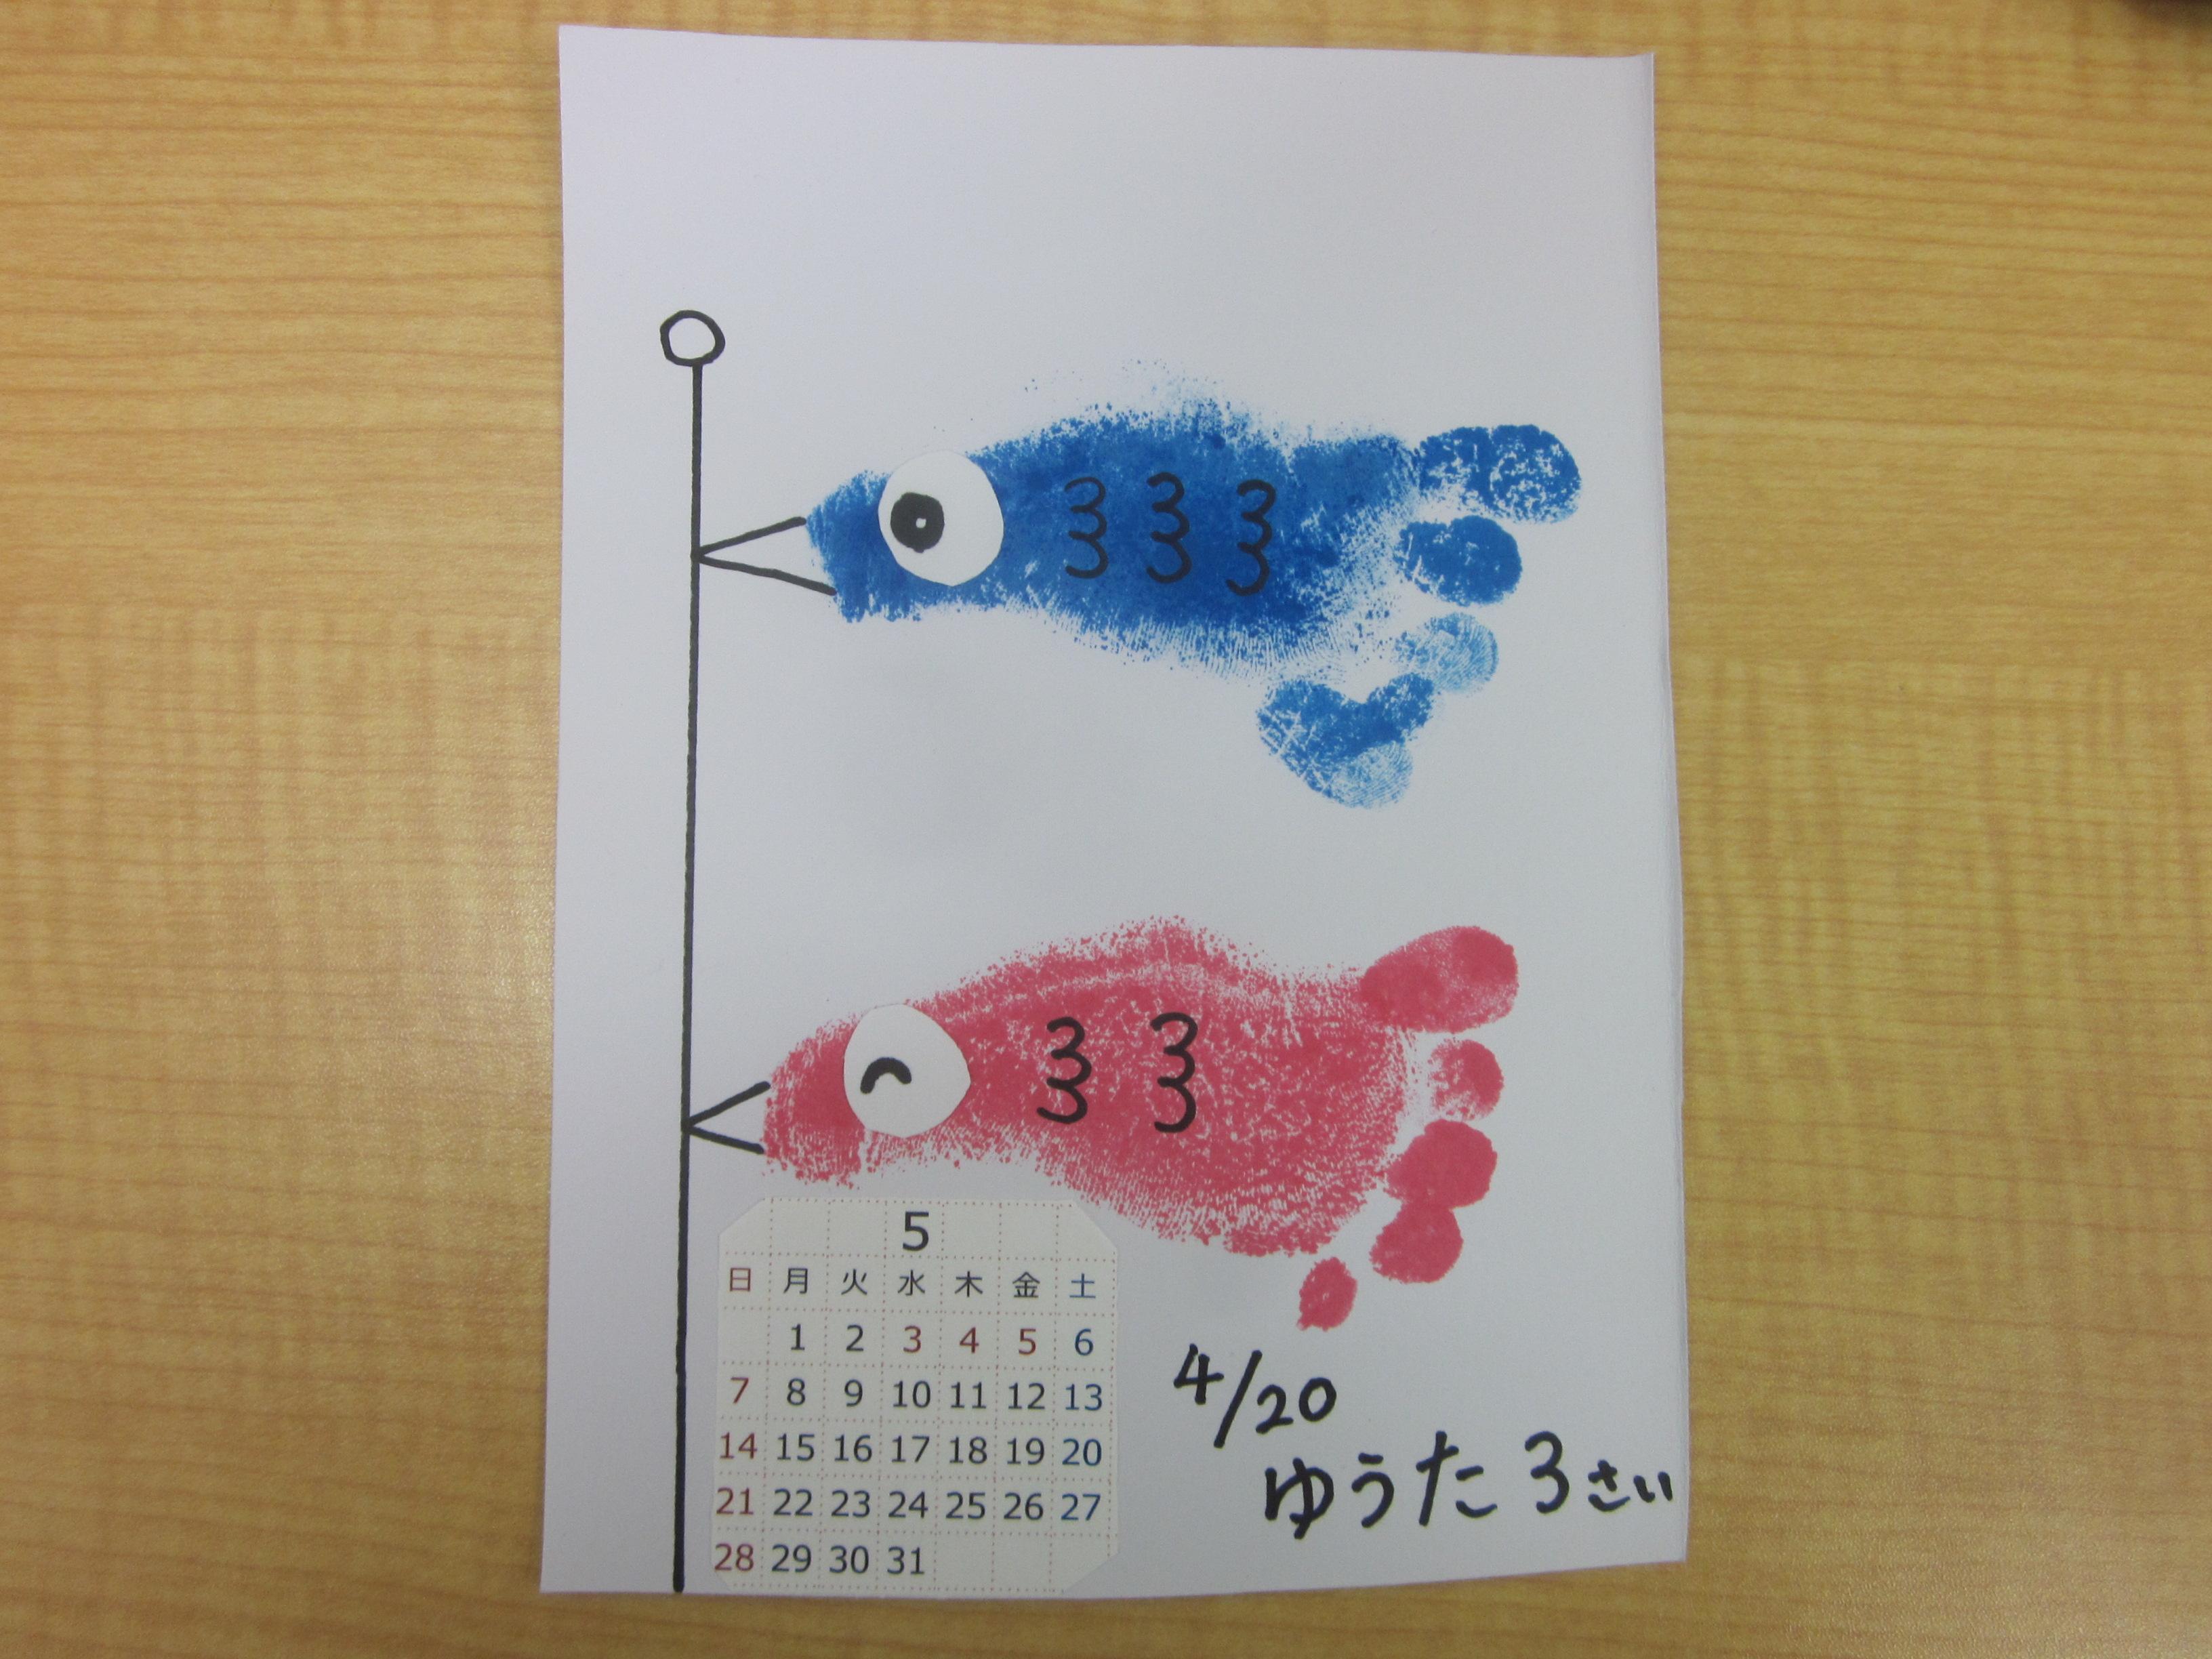 赤ちゃんの日★ミニカレンダーイベント スケジュール